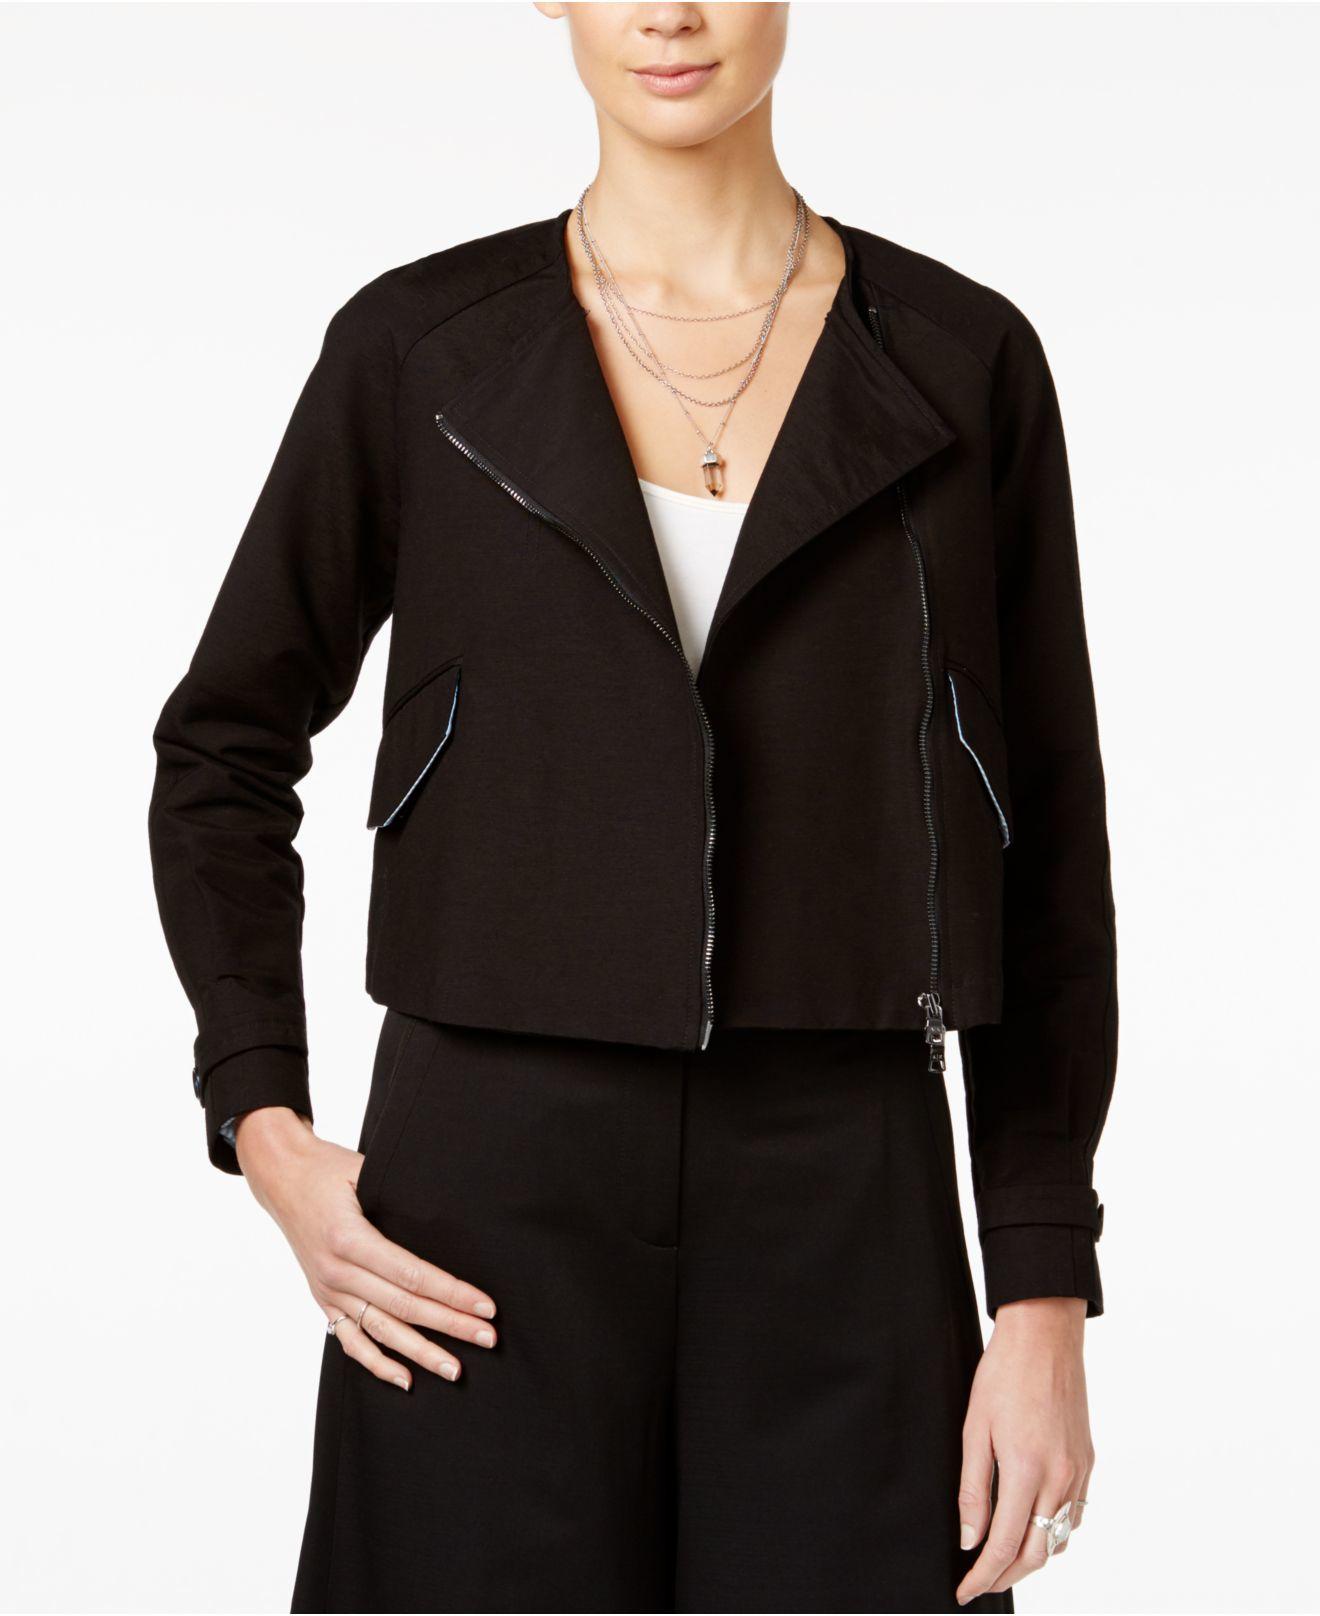 Armani exchange clothing online uk